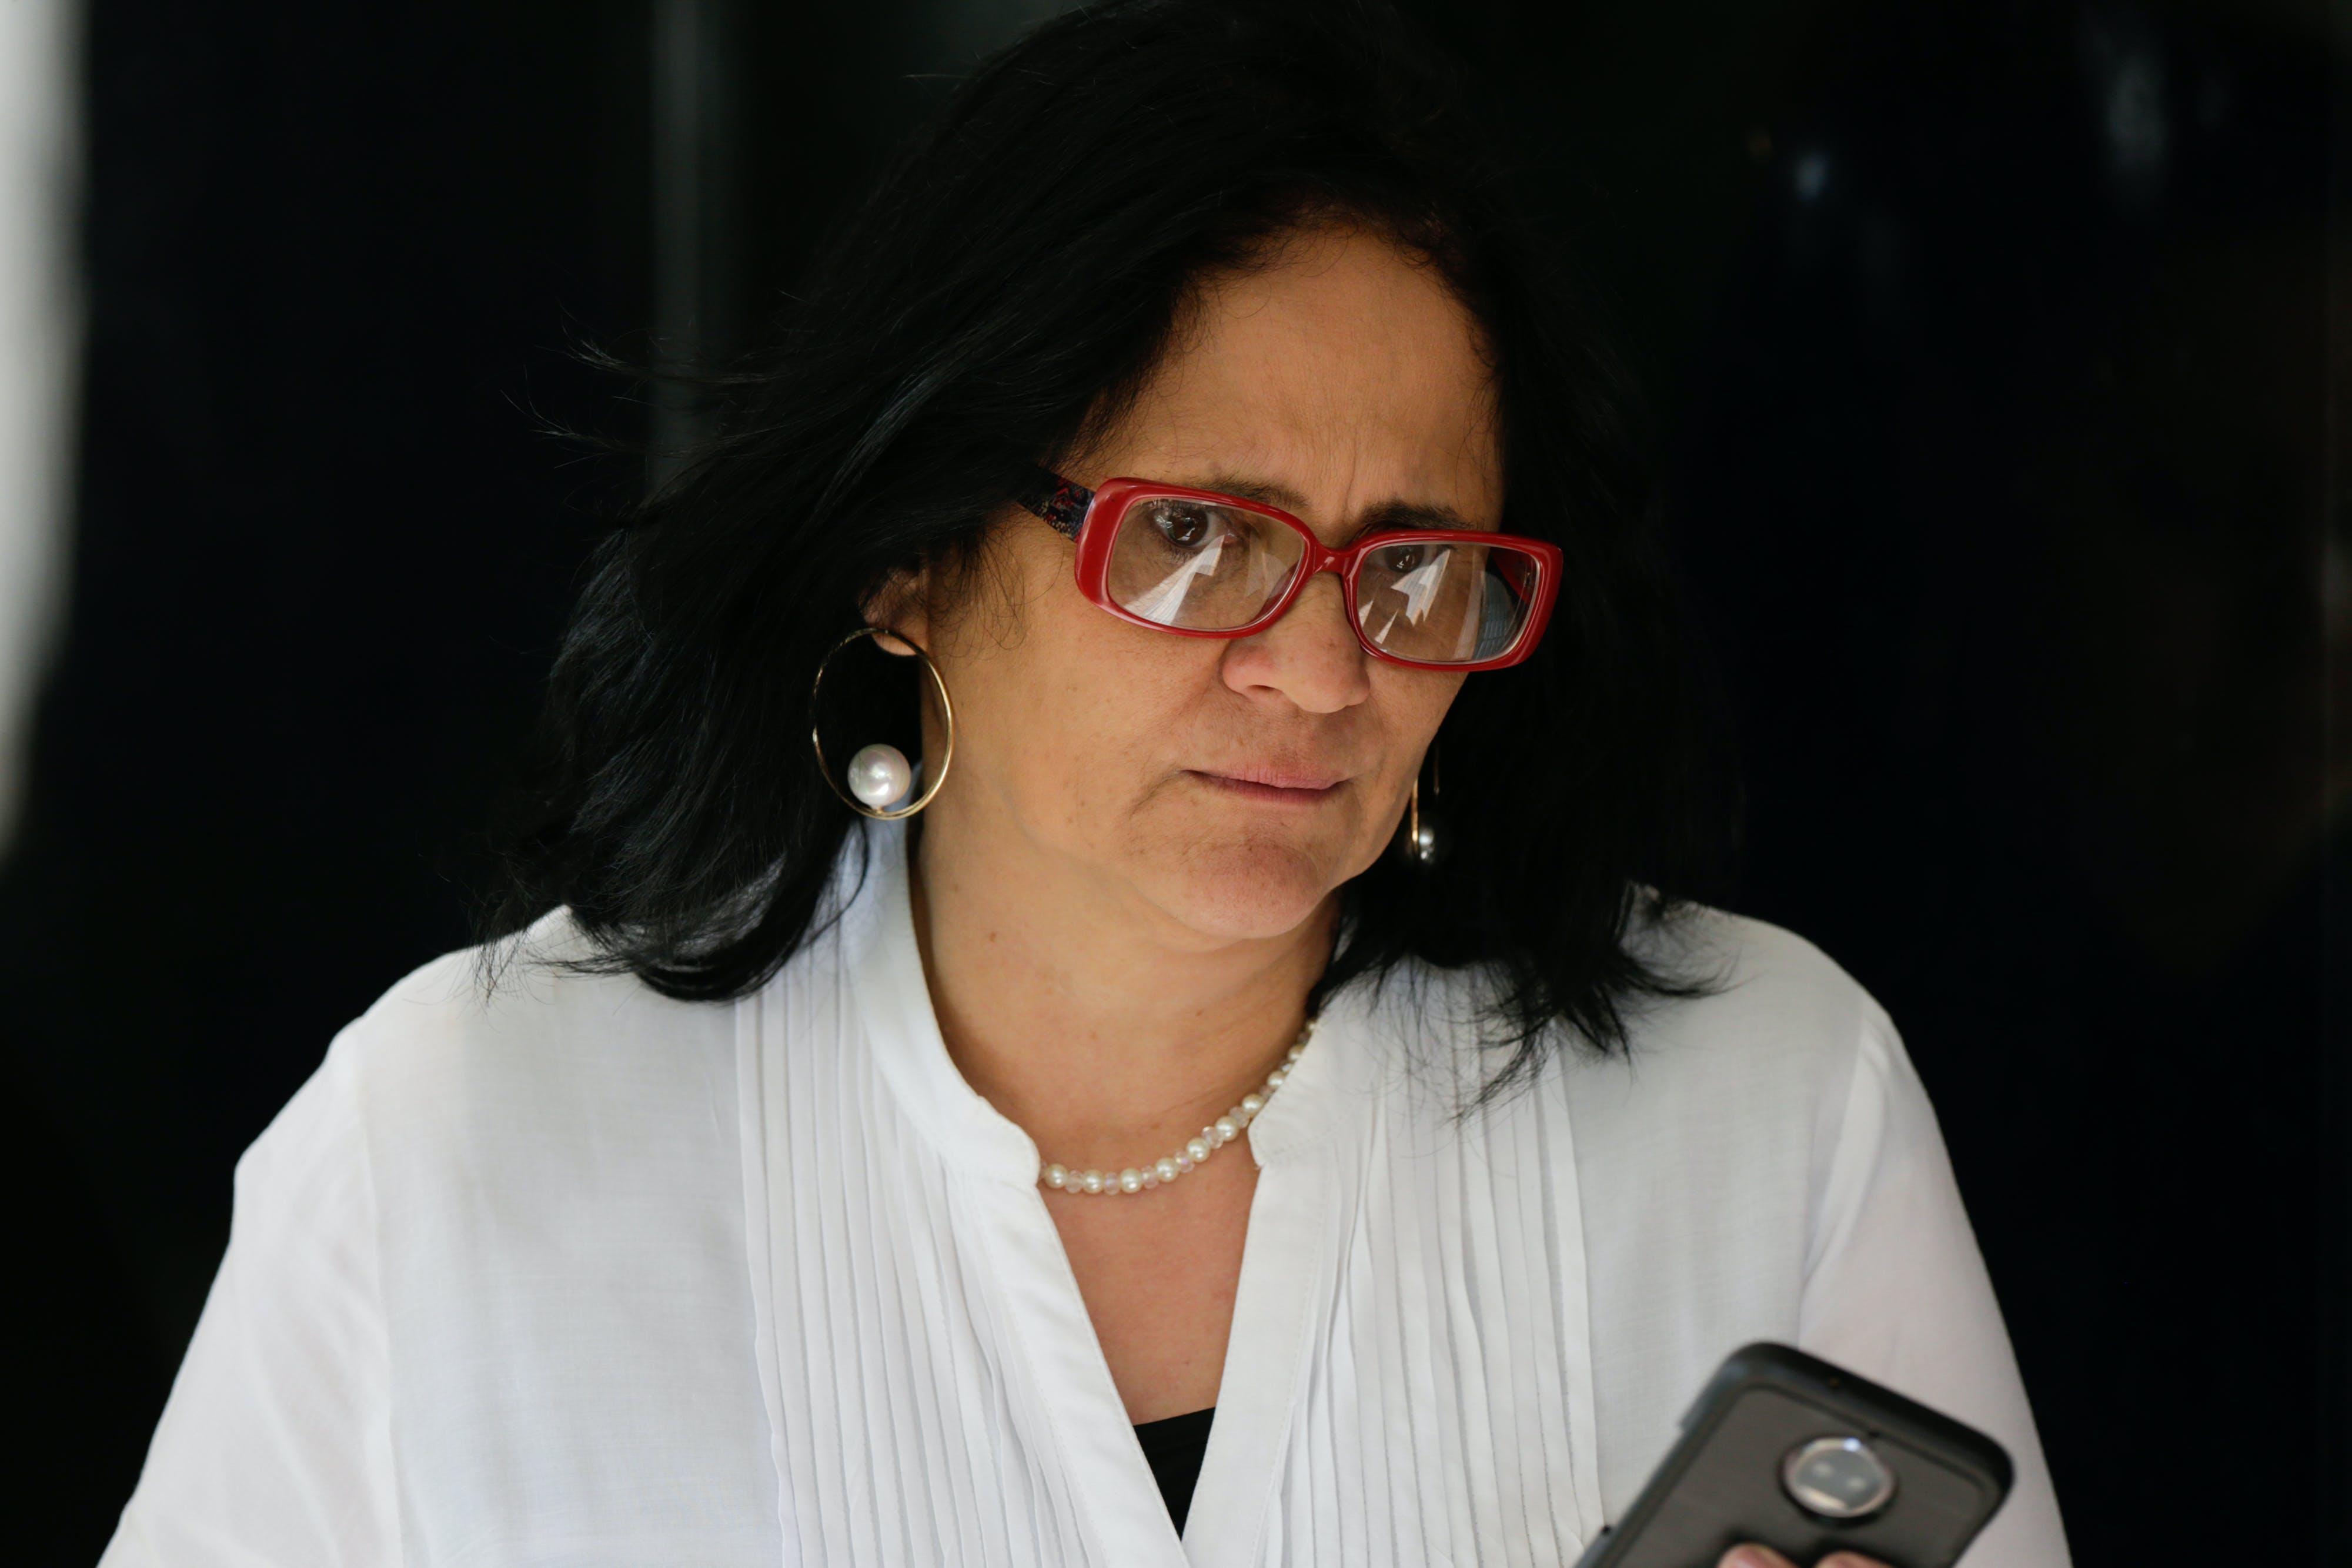 BRASÍLIA, DF, 11.12.2018 ? DAMARES-ALVES: A futura ministra da Mulher, Família e Direitos Humanos, Damares Alves, fala com a imprensa em Brasília, na tarde desta terça-feira. (Foto: Walterson Rosa/Folhapress)